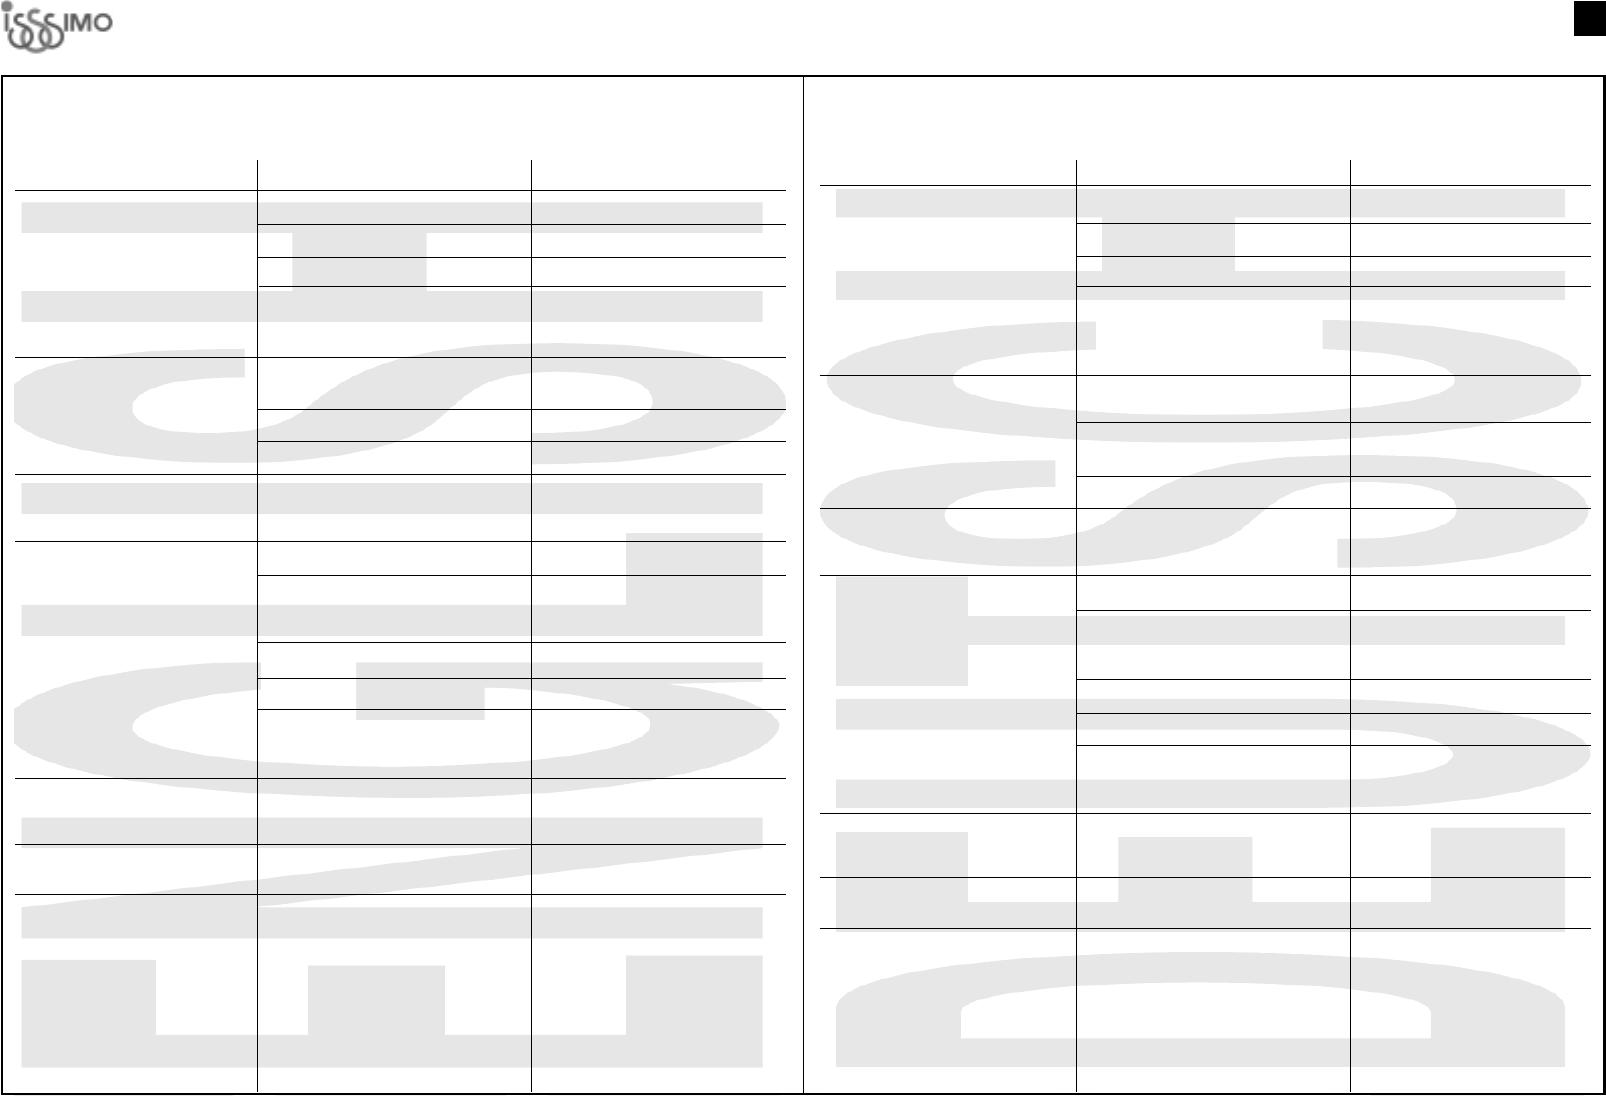 bedienungsanleitung olimpia splendid issimo 11 seite 26 von 32 deutsch englisch spanisch. Black Bedroom Furniture Sets. Home Design Ideas